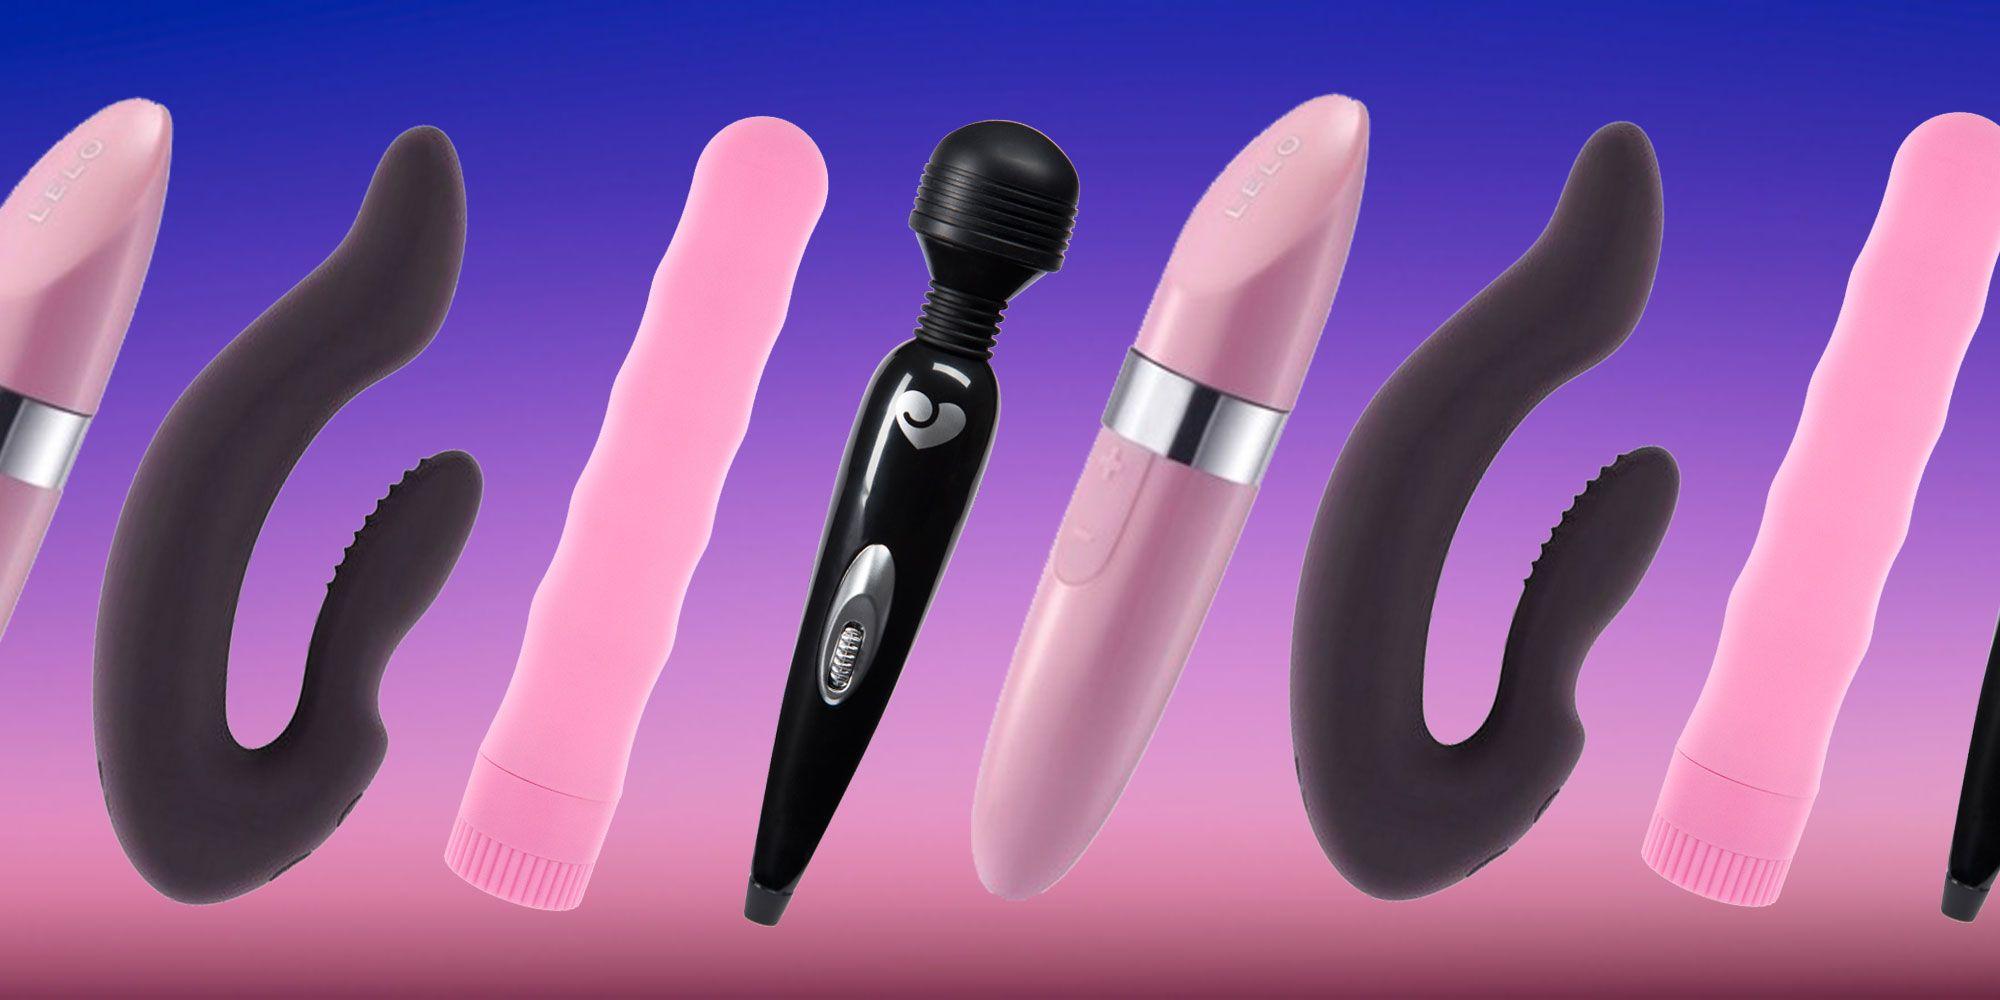 Quiet sex toys